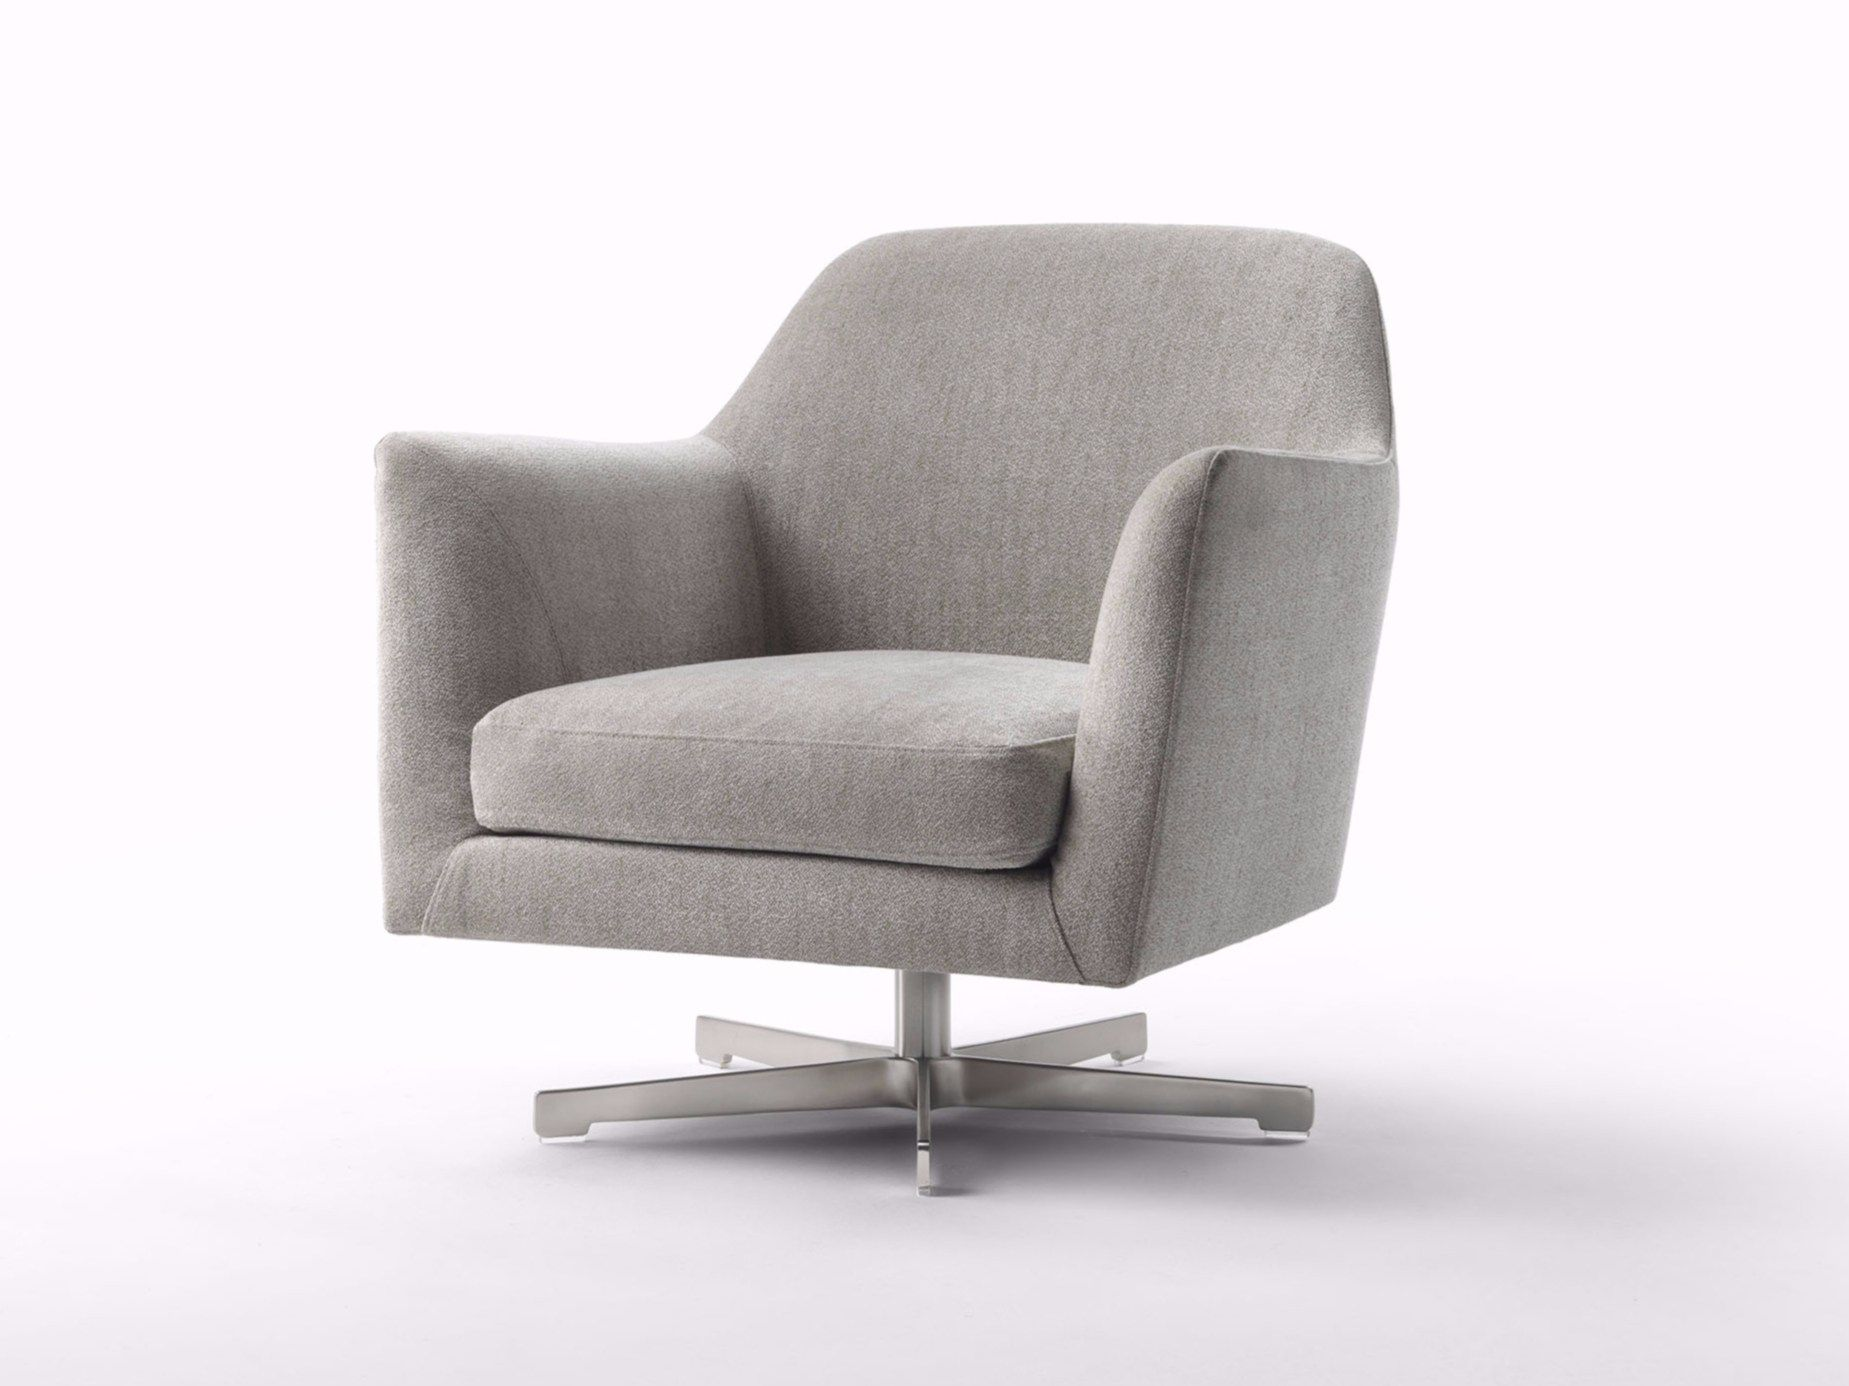 Drehbarer Sessel Mit Armlehnen Luce Drehbarer Sessel Flexform